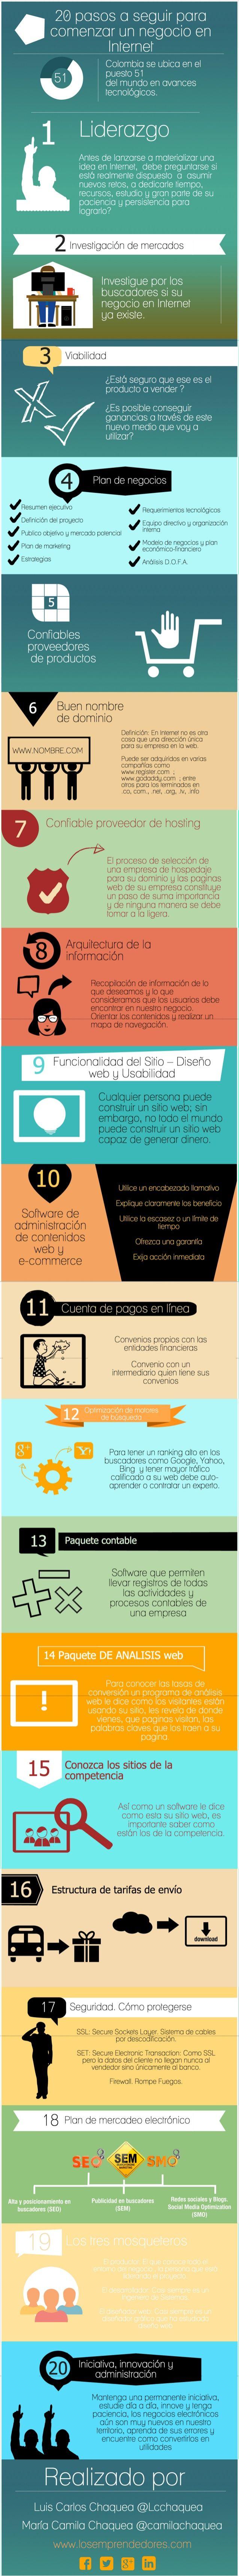 20 pasos para crear un negocio en Internet